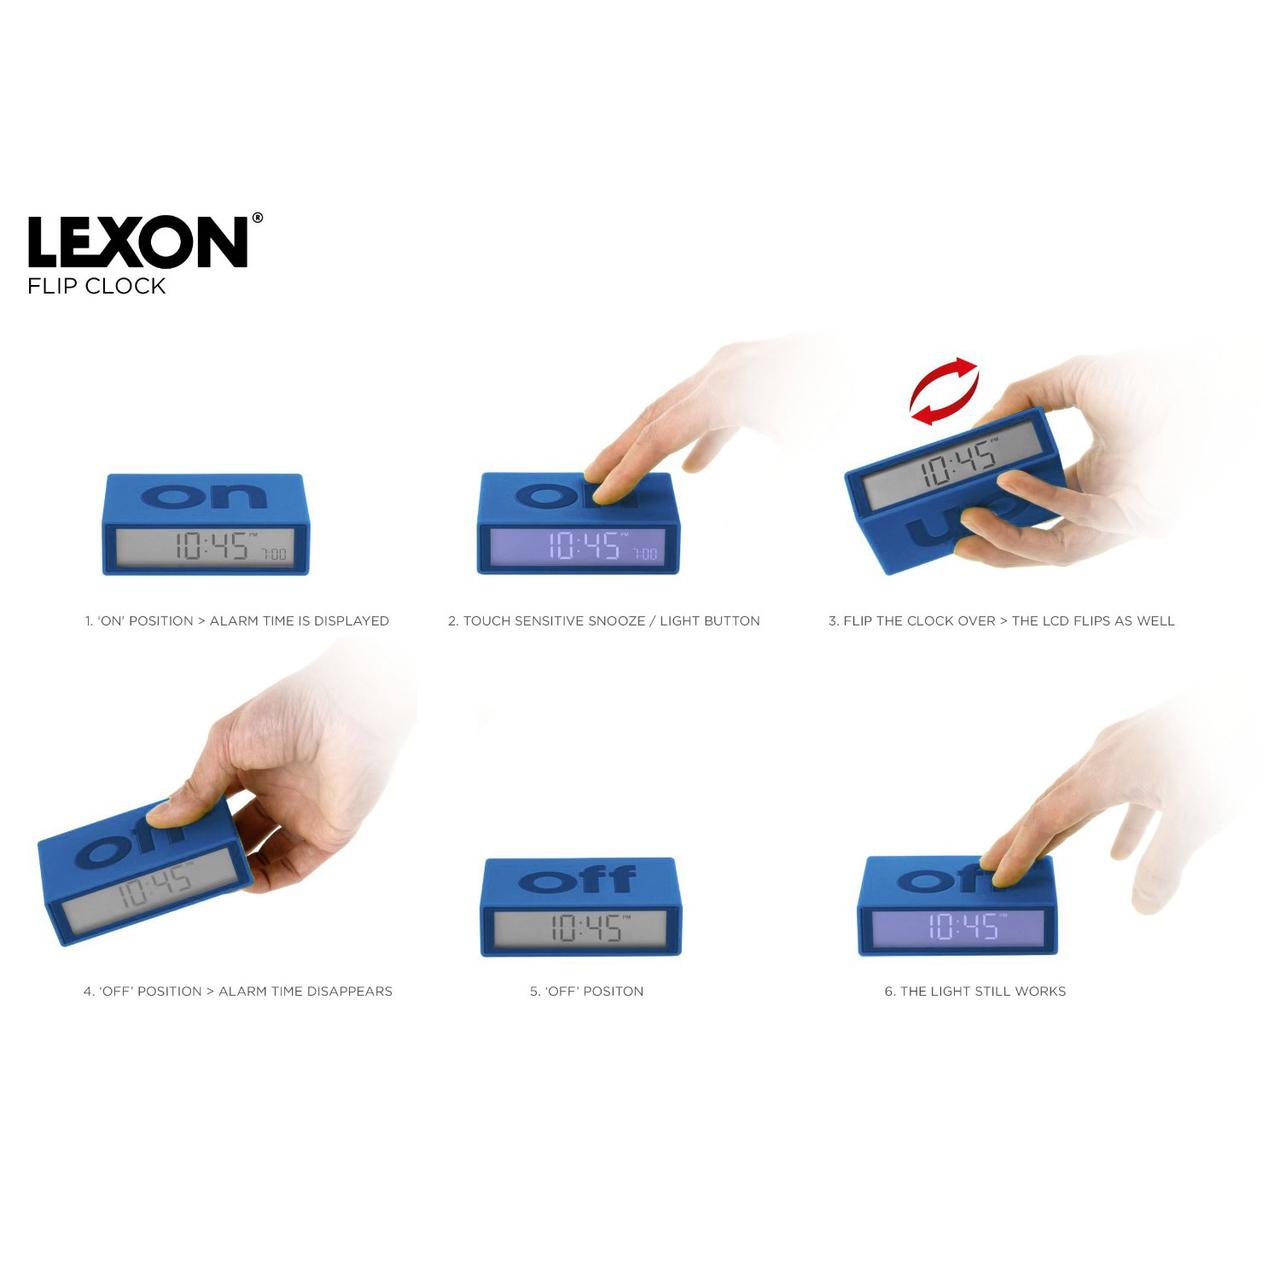 LEXON FLIP alarm clock (visual function description only)